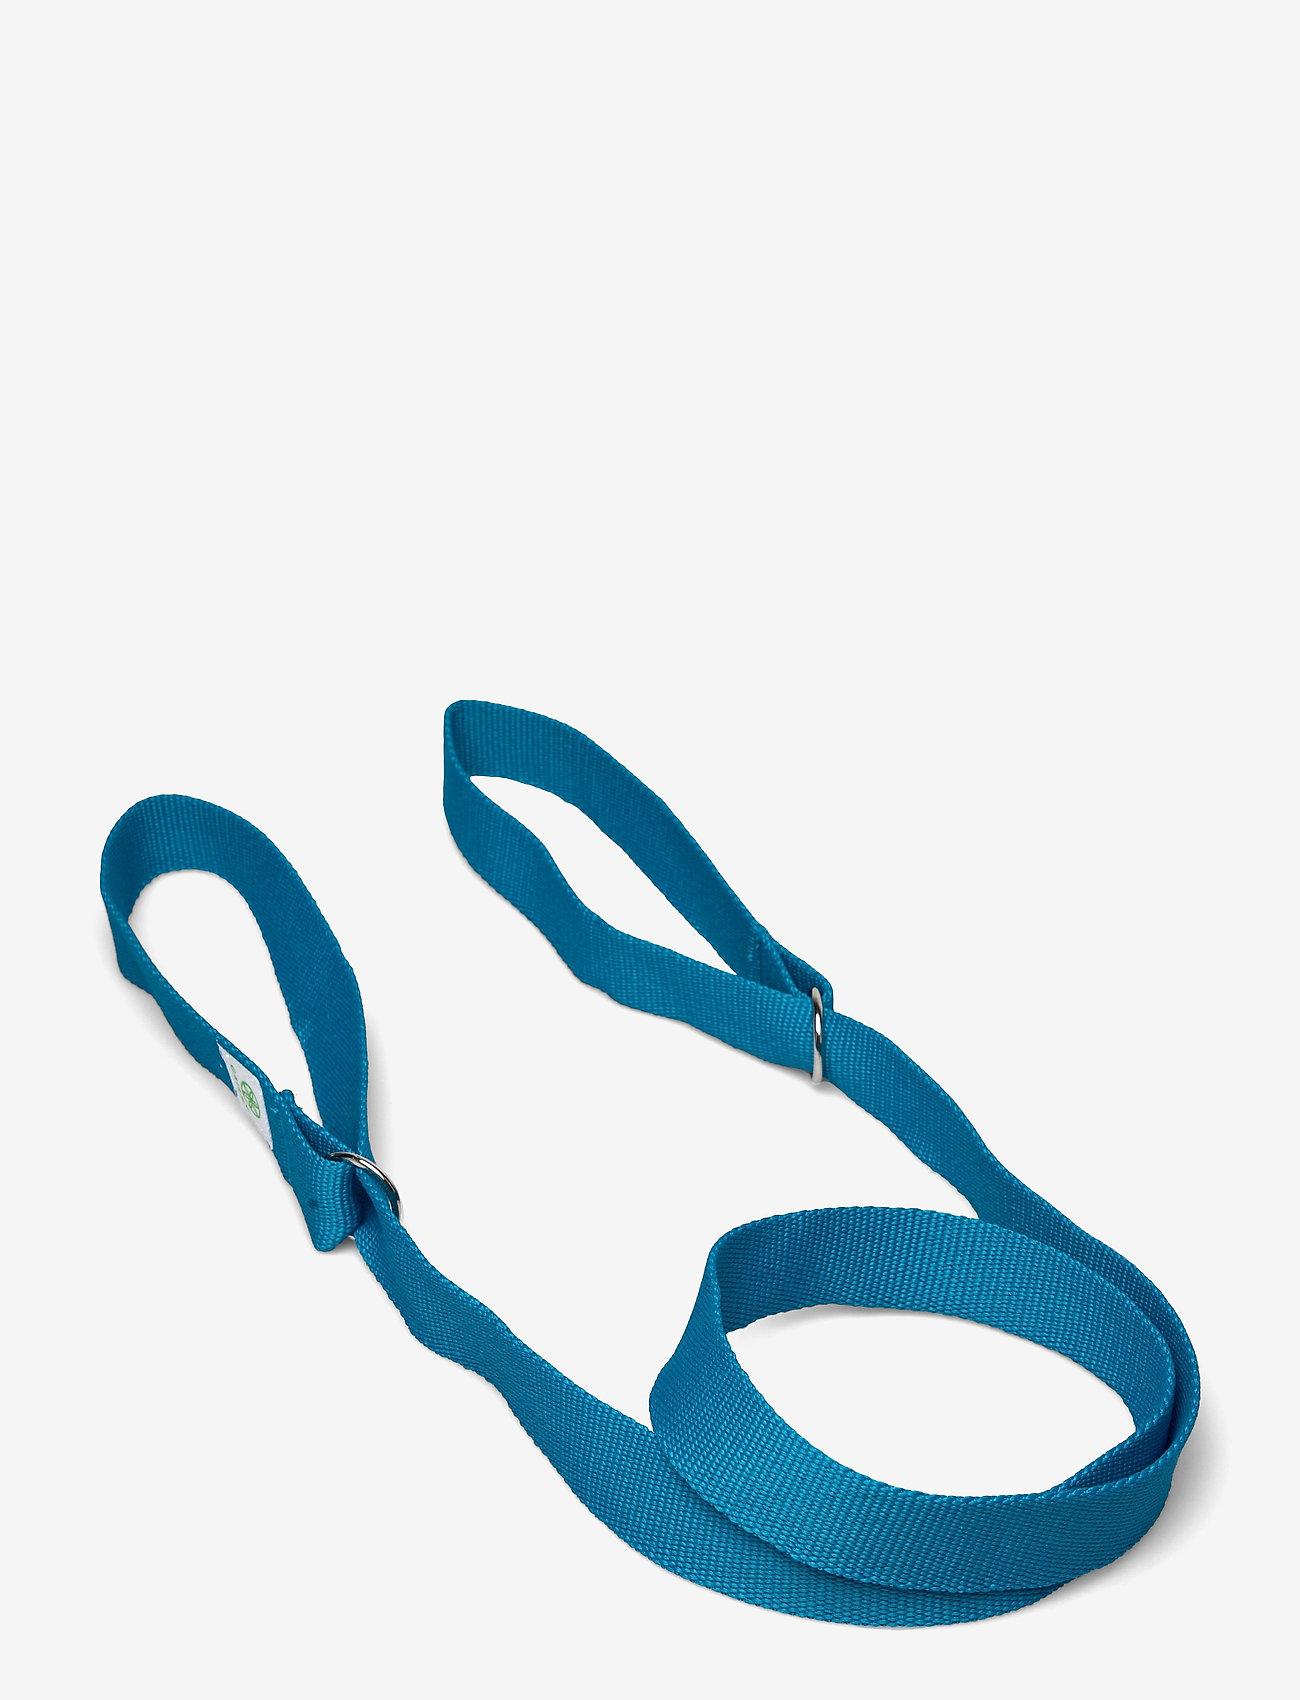 Gaiam - Yoga Sling (assorted) - joogamatot ja tarvikkeet - fuchsia/vivid blue - 1